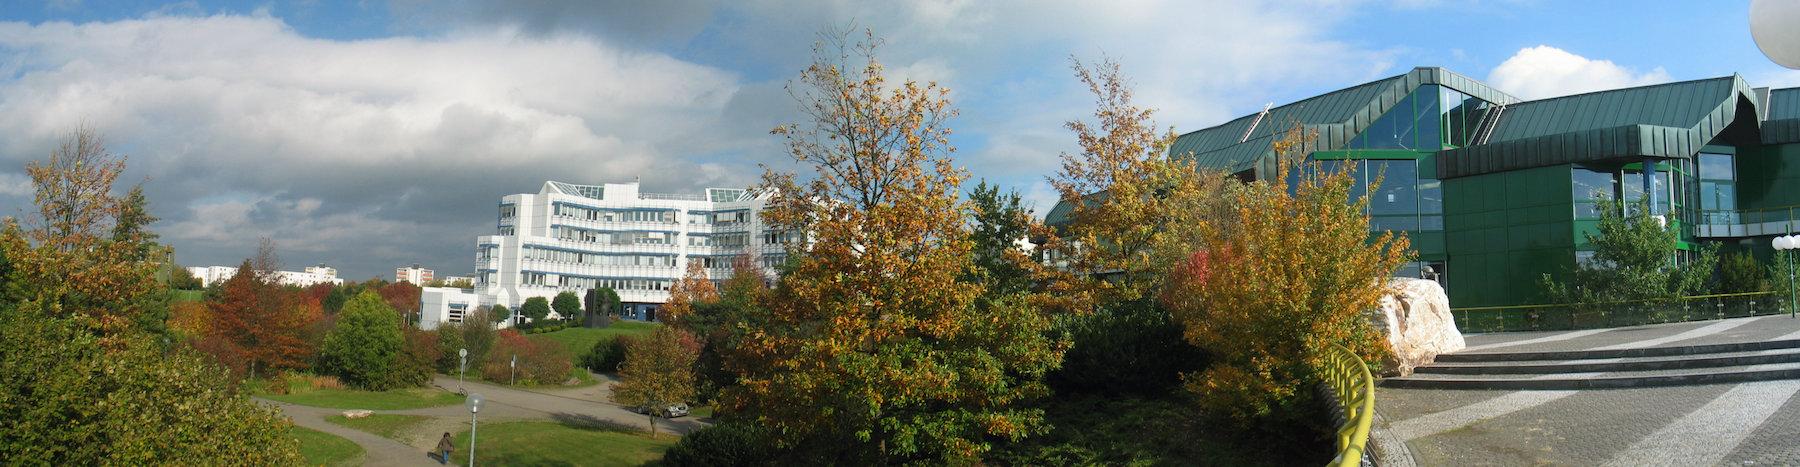 Breites Panoramabild der Gebäude der Universität Trier, Campus I